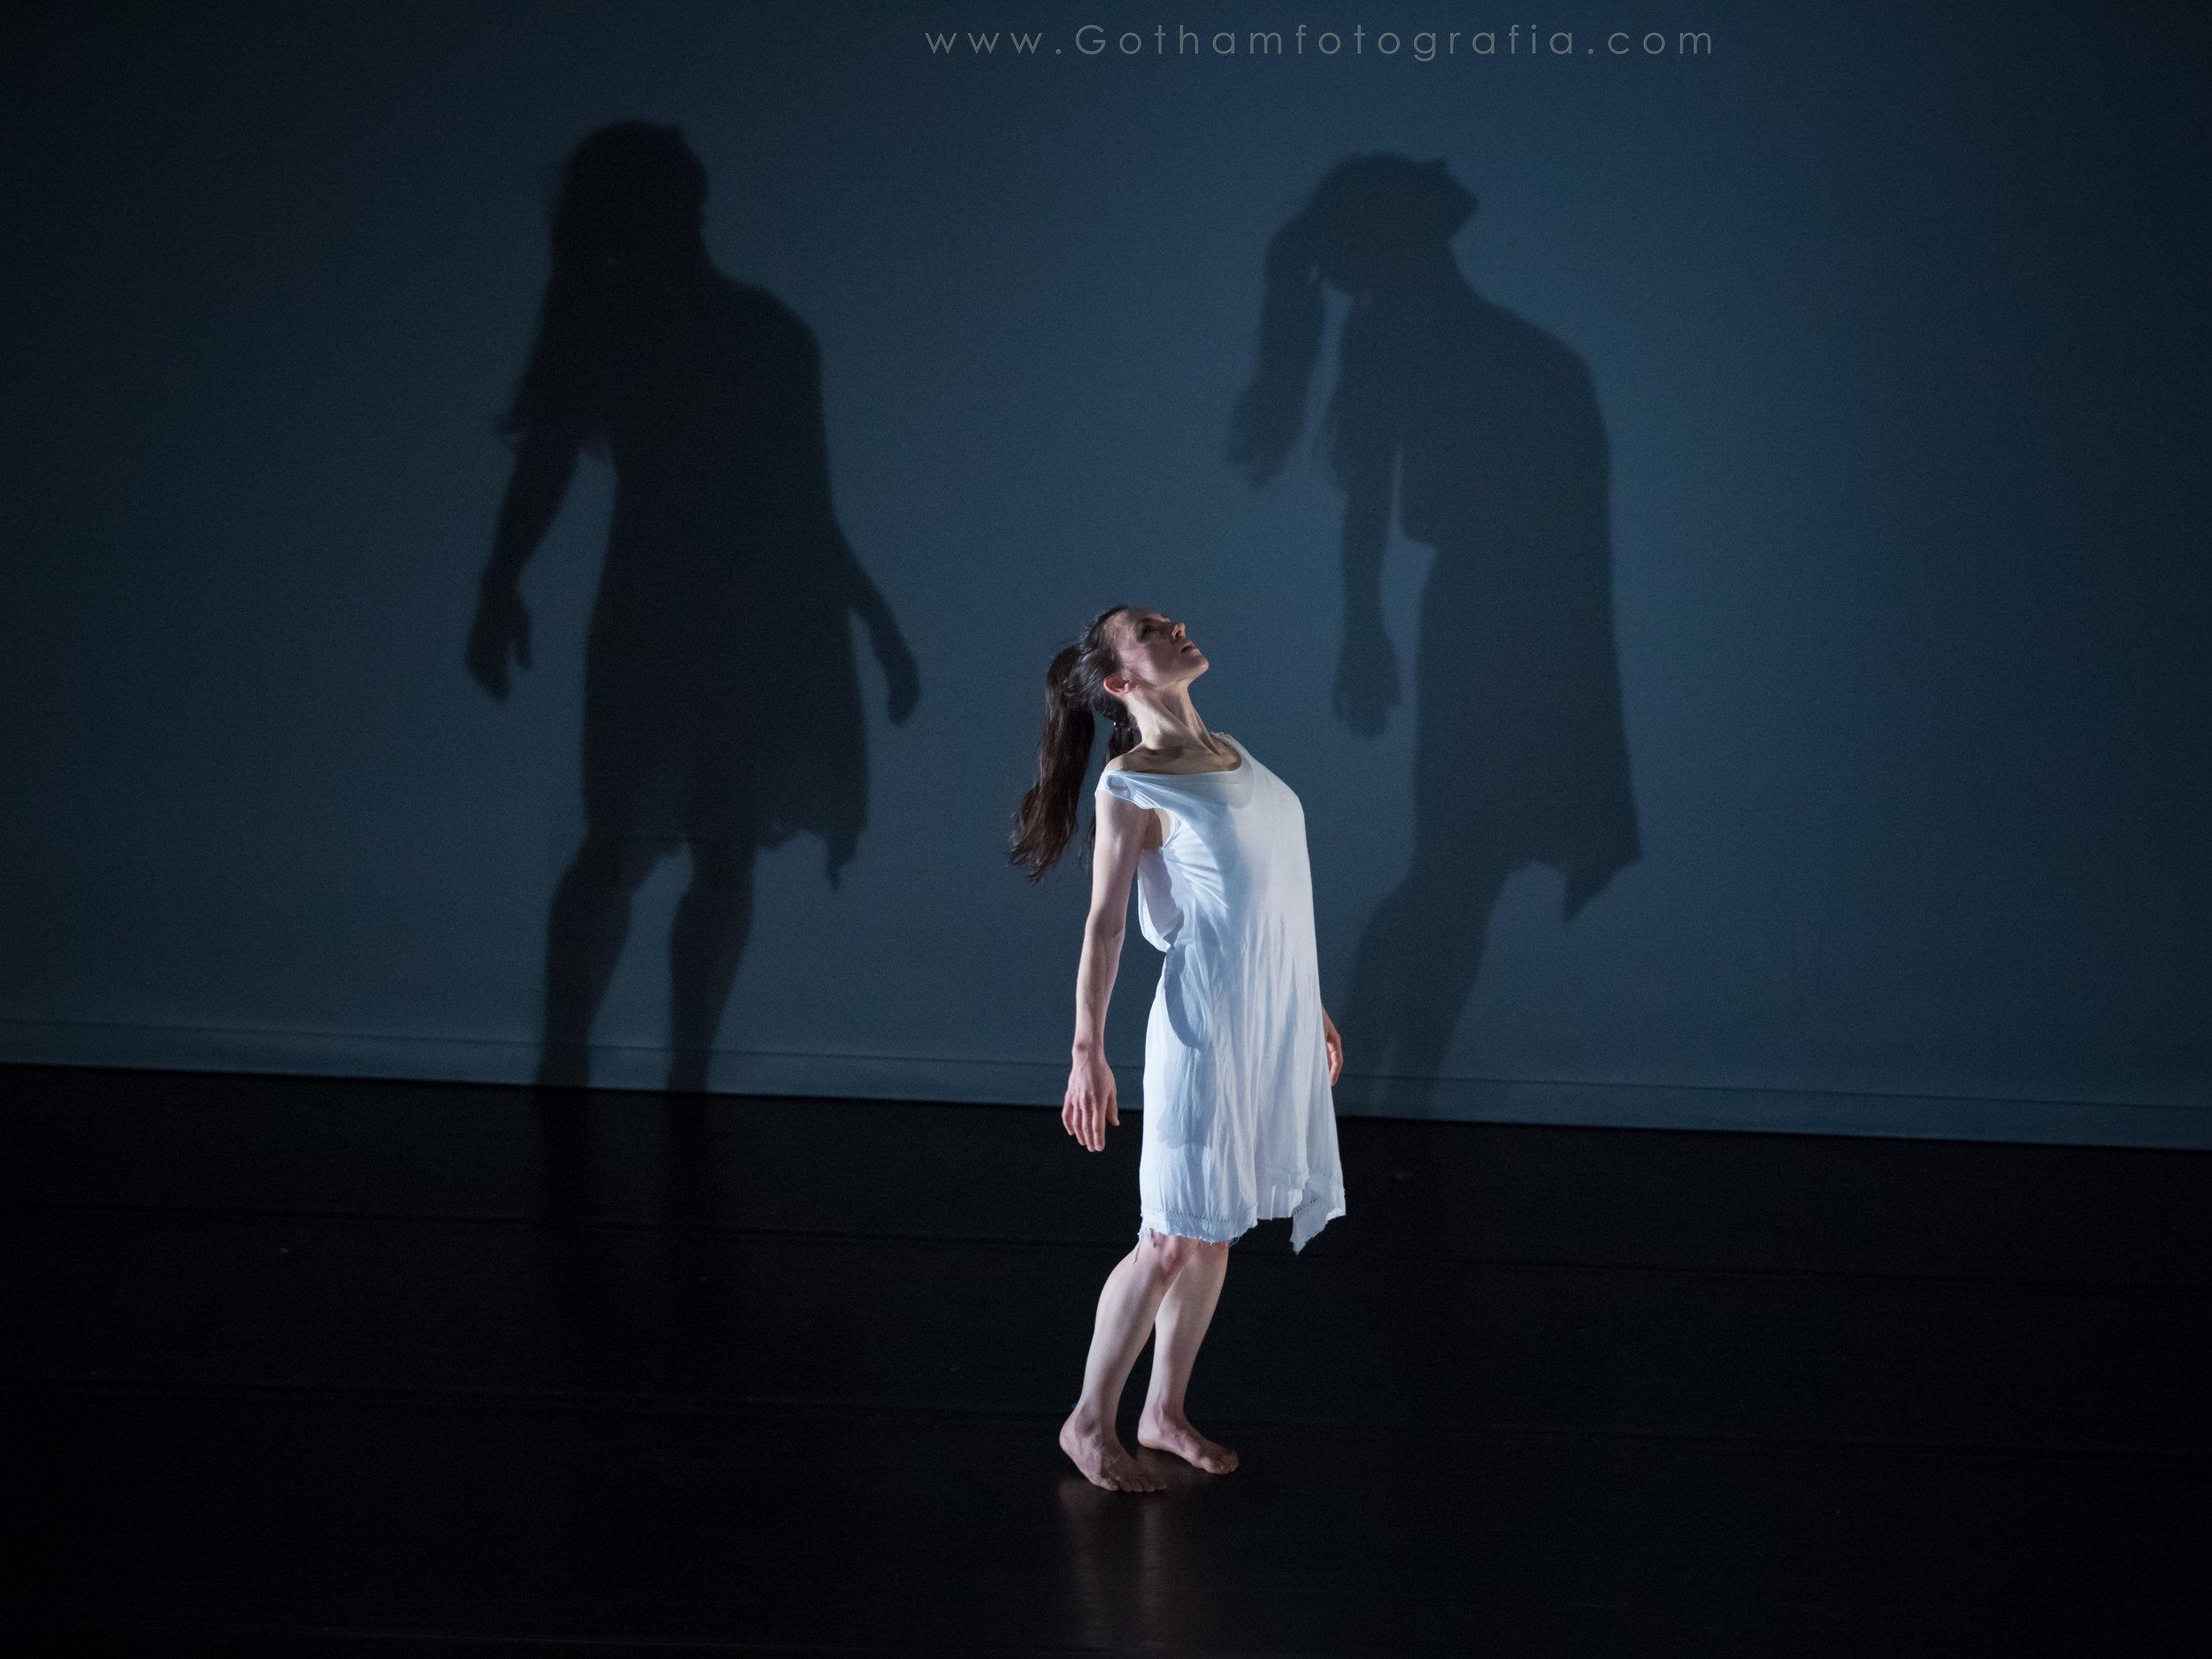 Excognito Dance Festival 2016